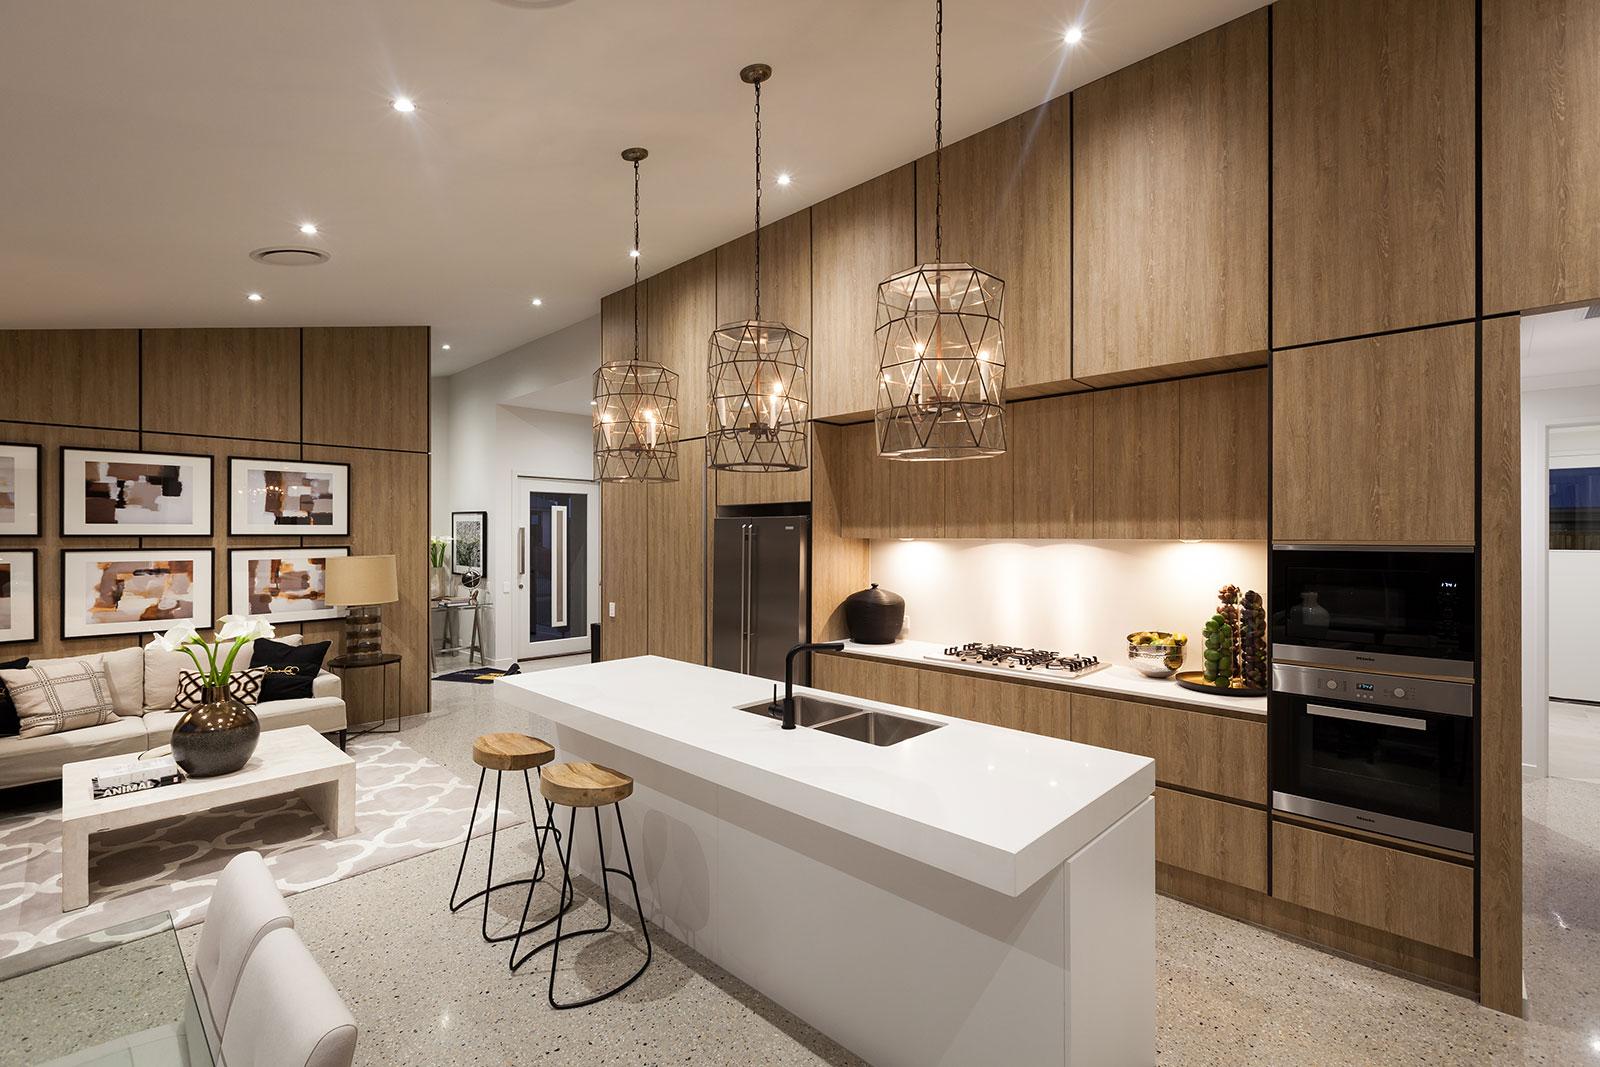 thiết kế bếp kết hợp phòng khách